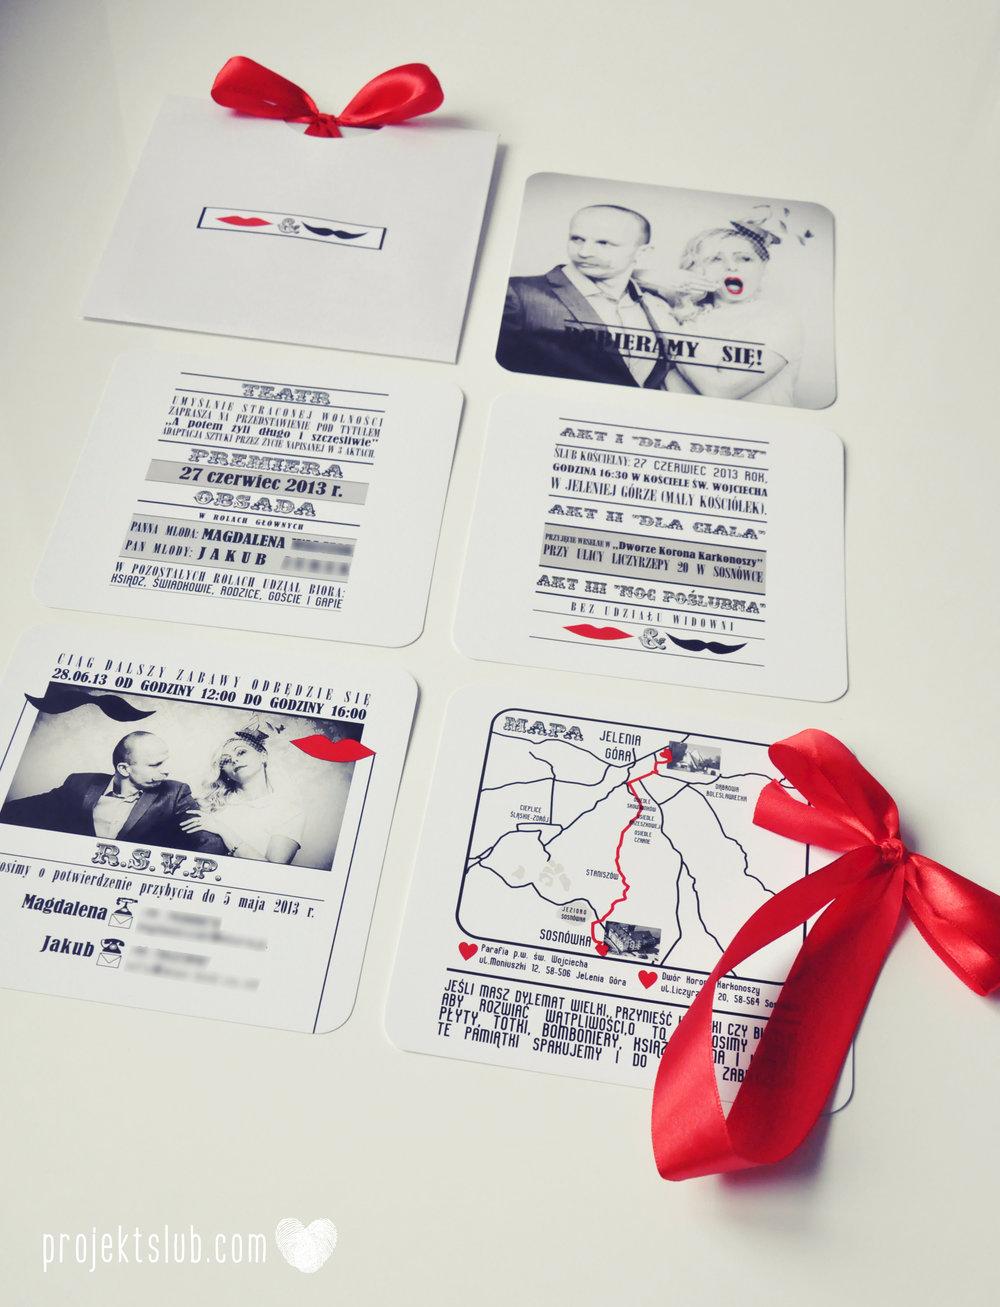 Oryginalne zaproszenia ślubne ze zdjęciem motyw przewodni usta i wąsy czerwona wstążka czarno białe nowoczesne retro projekt ślub (20).JPG